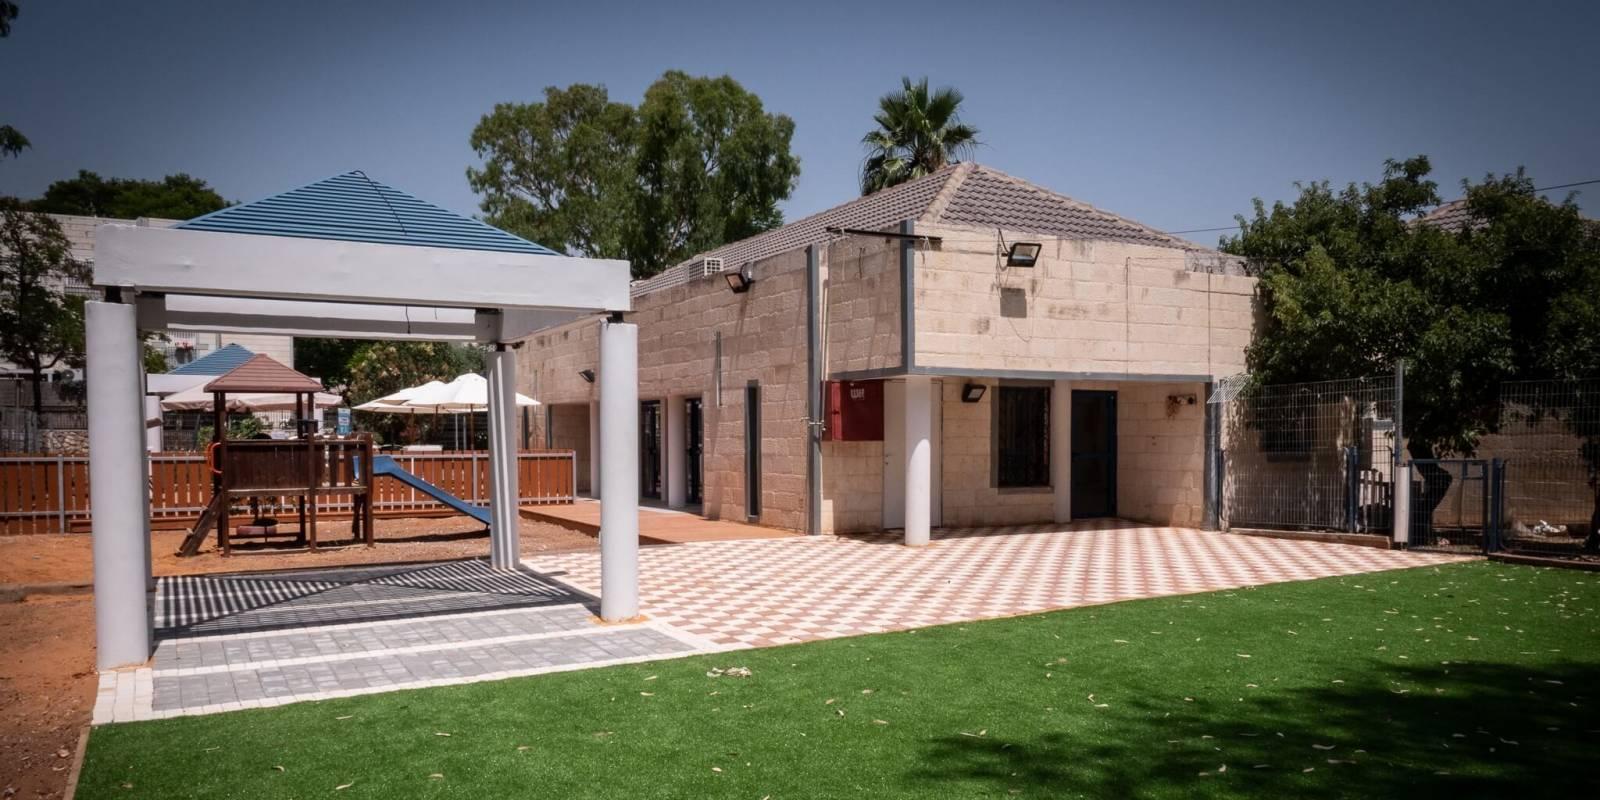 בית הקהילה החדש בחריש